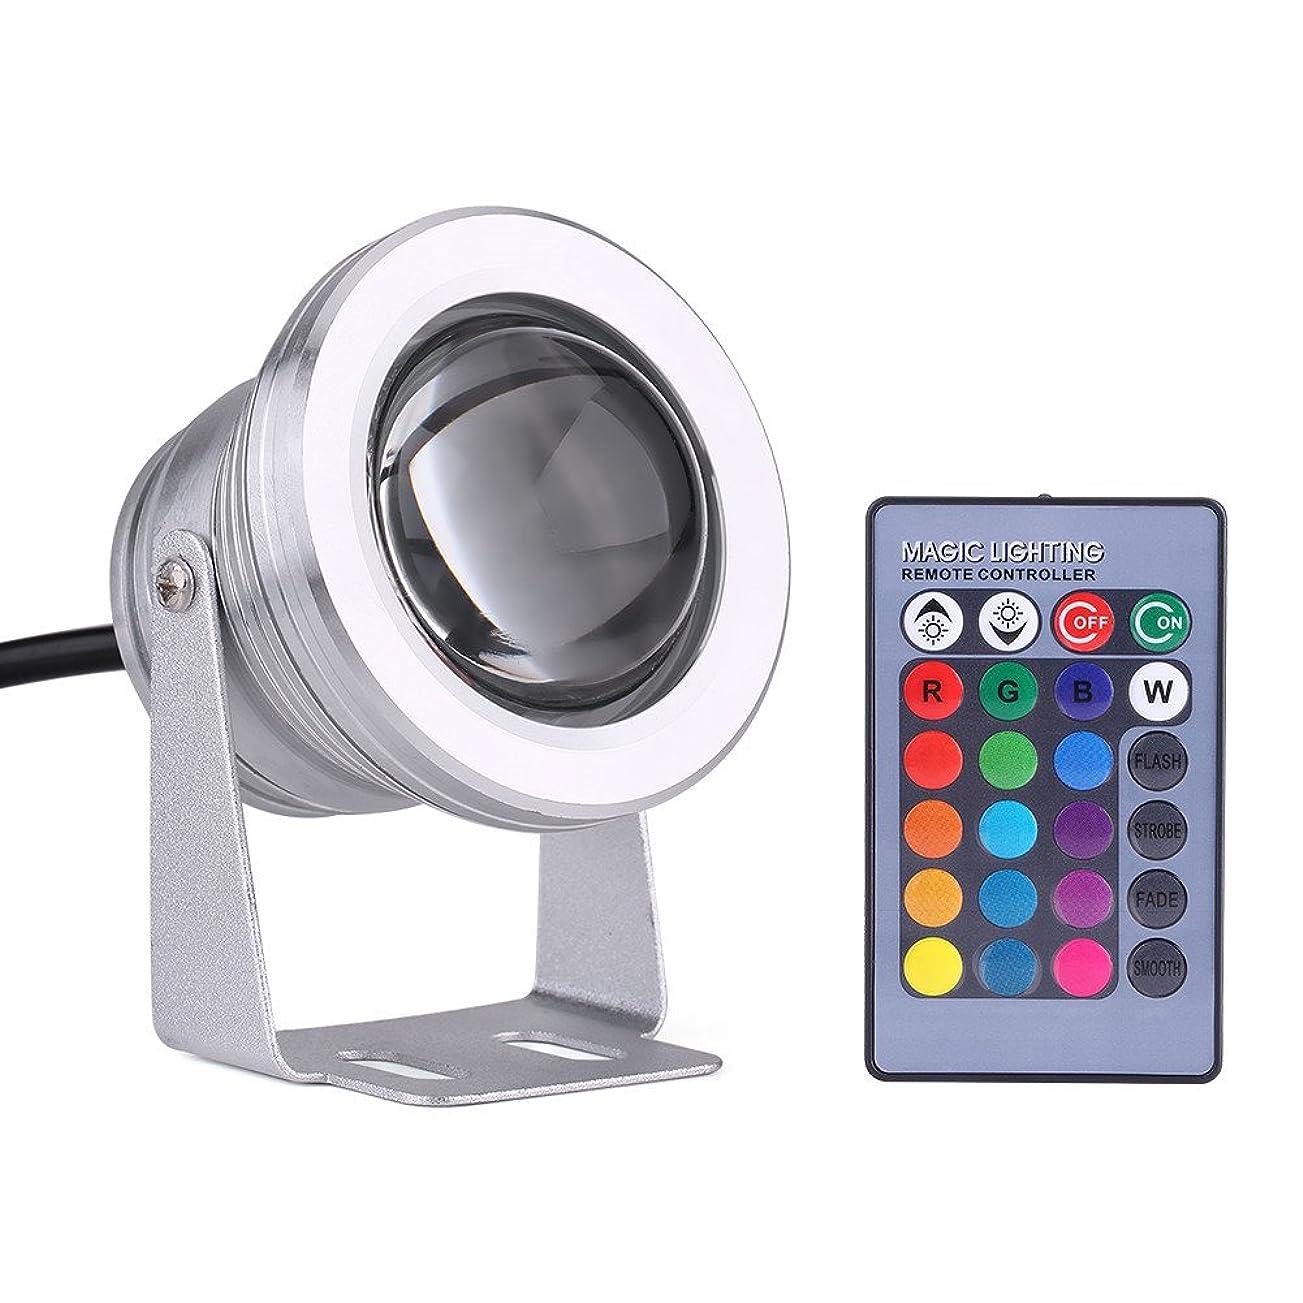 バインドタック割り当てます6色 LED潜水ライト LED水中スポットライト ip68防水LED 景観ランプアウトドア 池噴水庭 庭明かり 小型 アルミニウム 10w 12v RGB(银白壳)